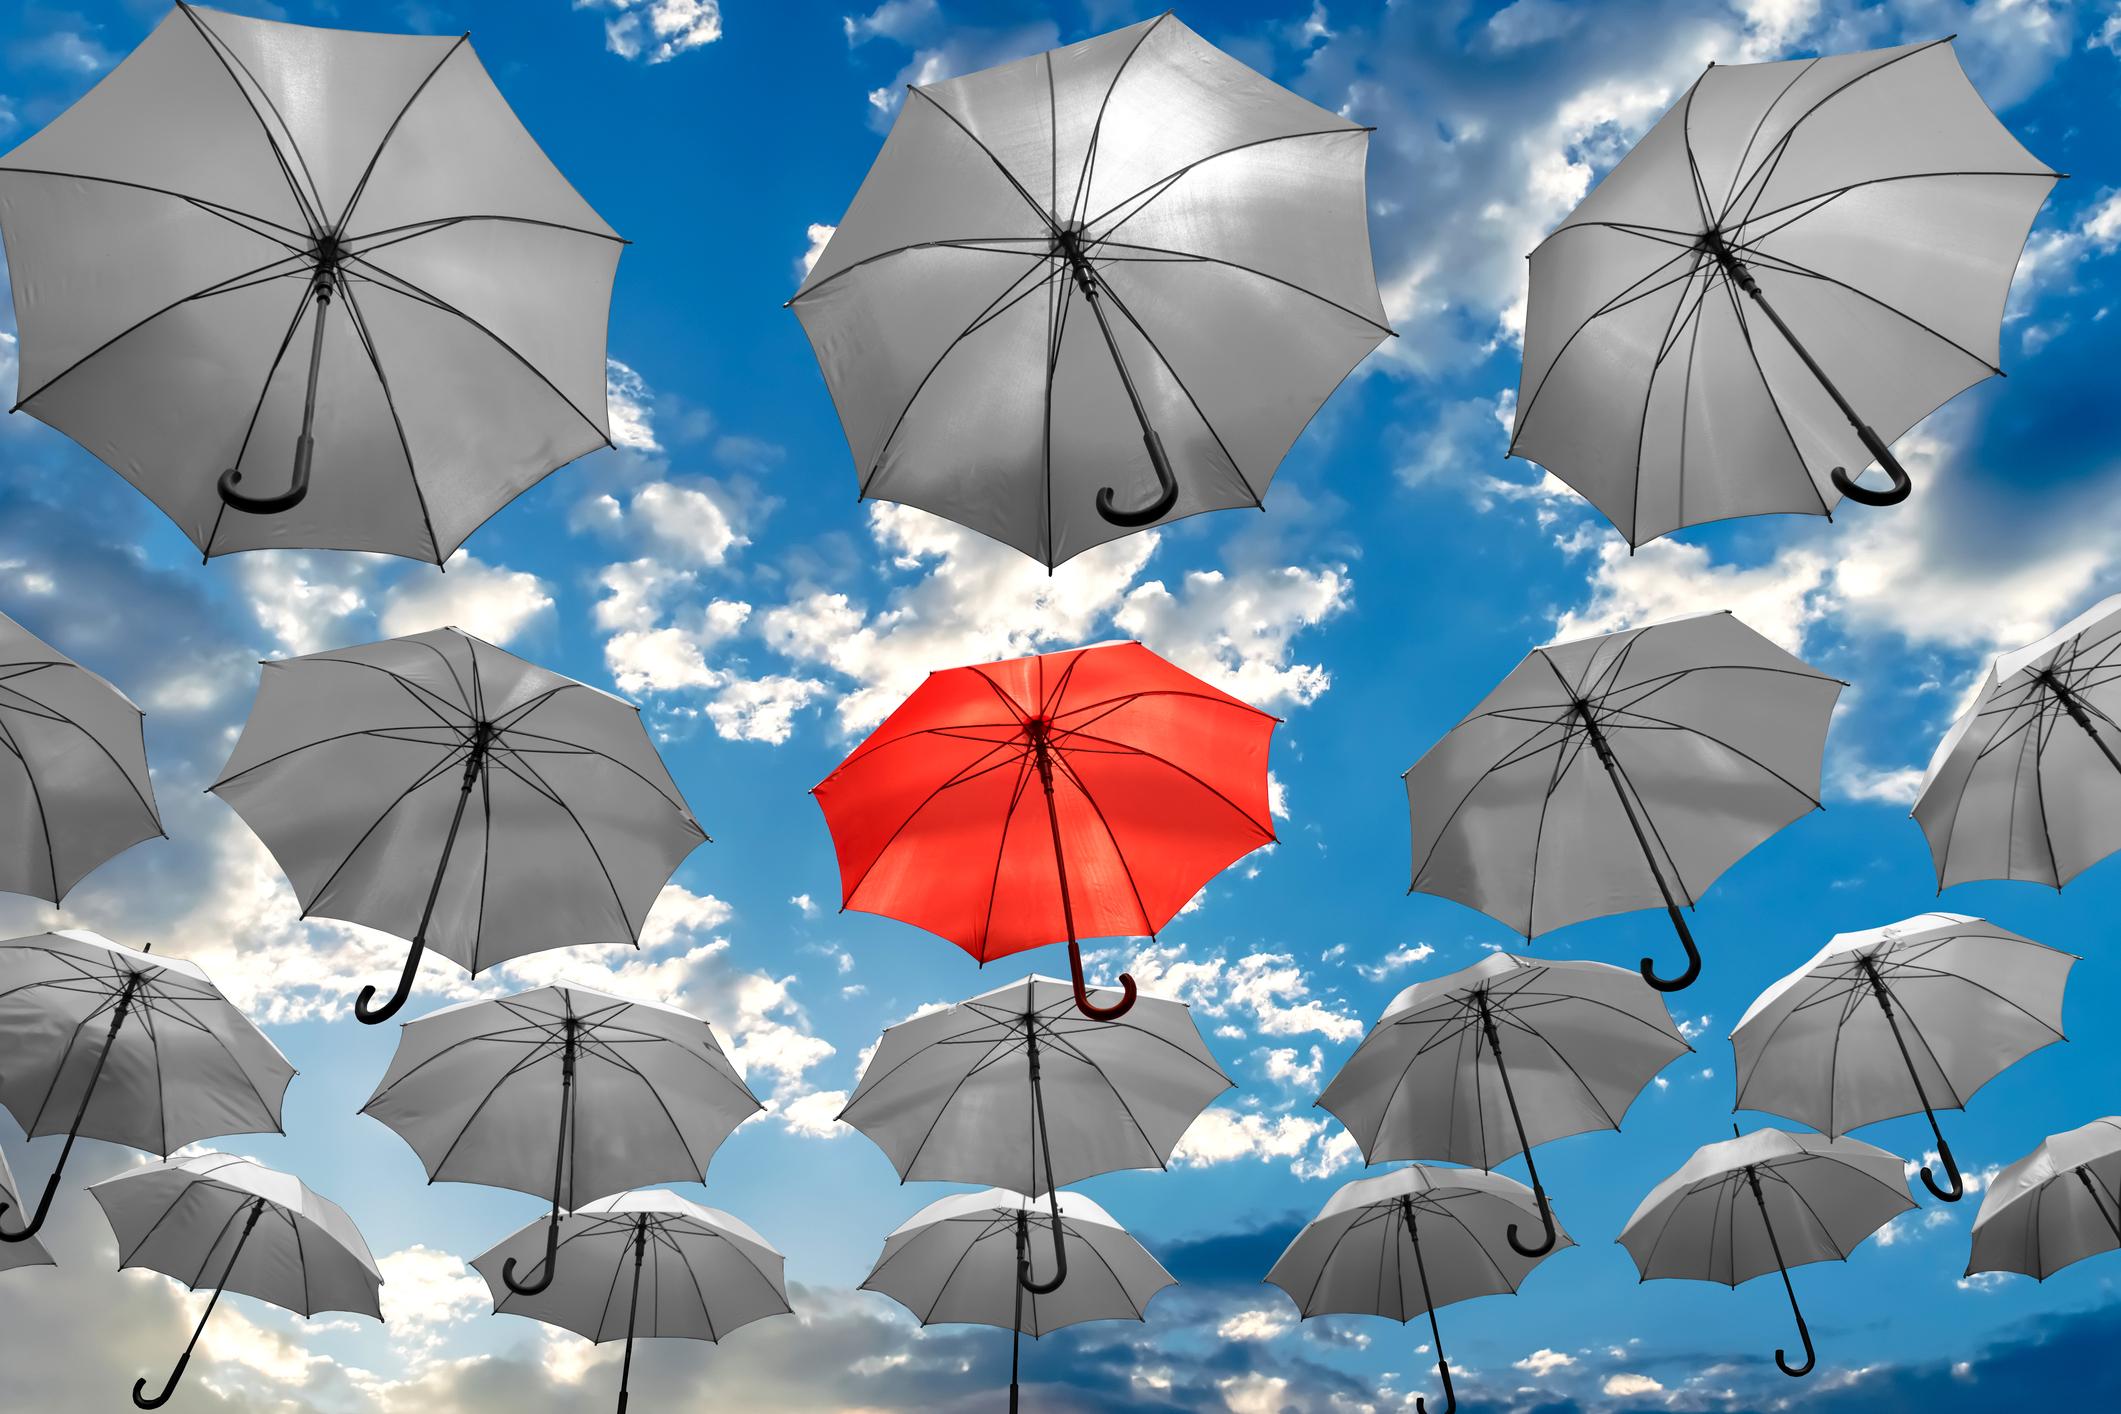 Guidare l'azienda: coraggio, passione e resilienza. Strumenti per un'impresa di successo